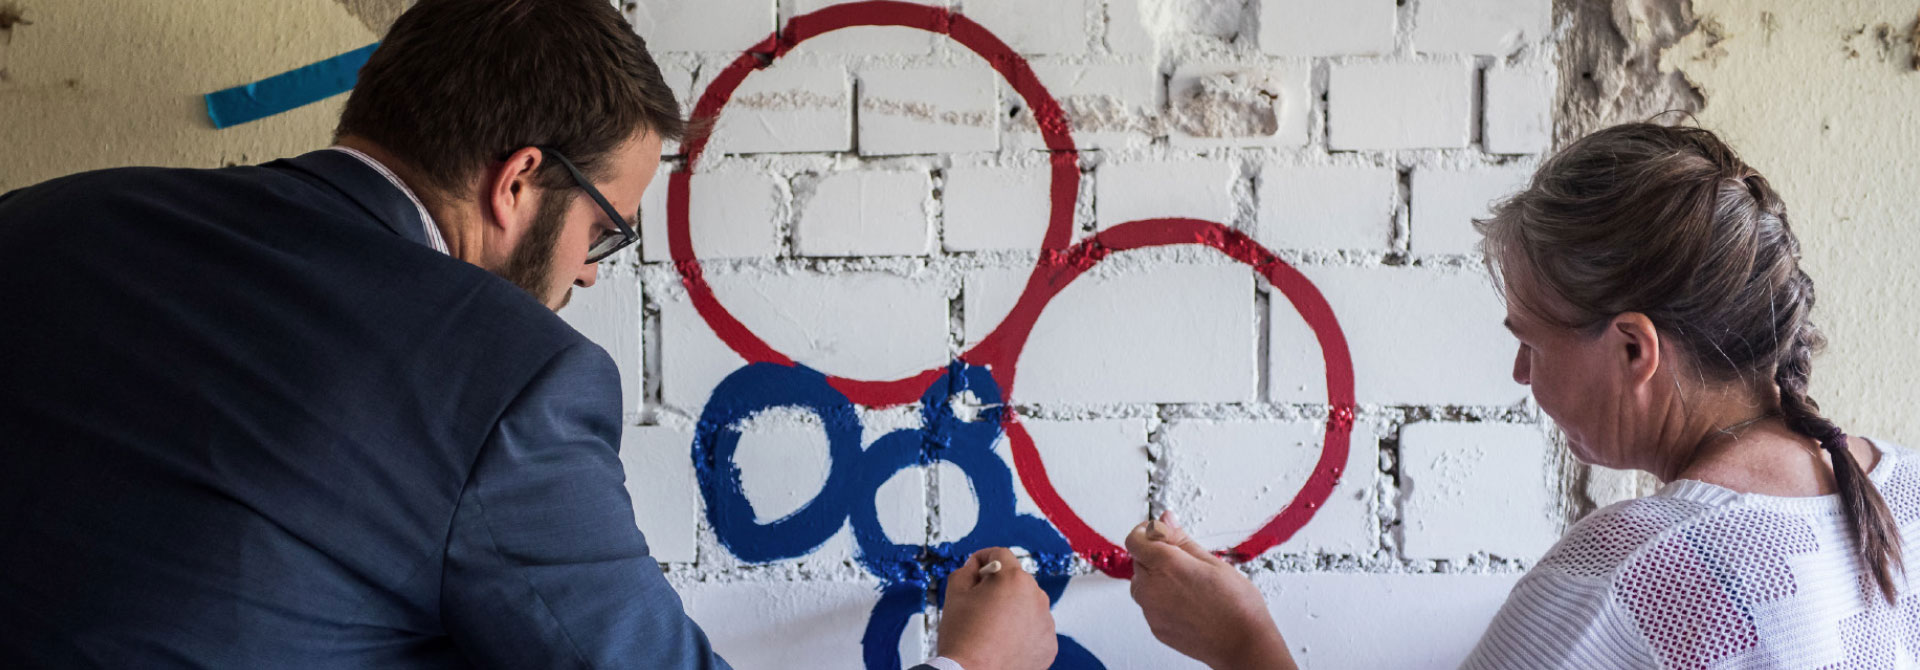 Interreg 5a - Zusammen sind wir Mehrwert. Zwei Projektleiter zeichnen das Interreg-Logo. Link zur Projektübersicht.